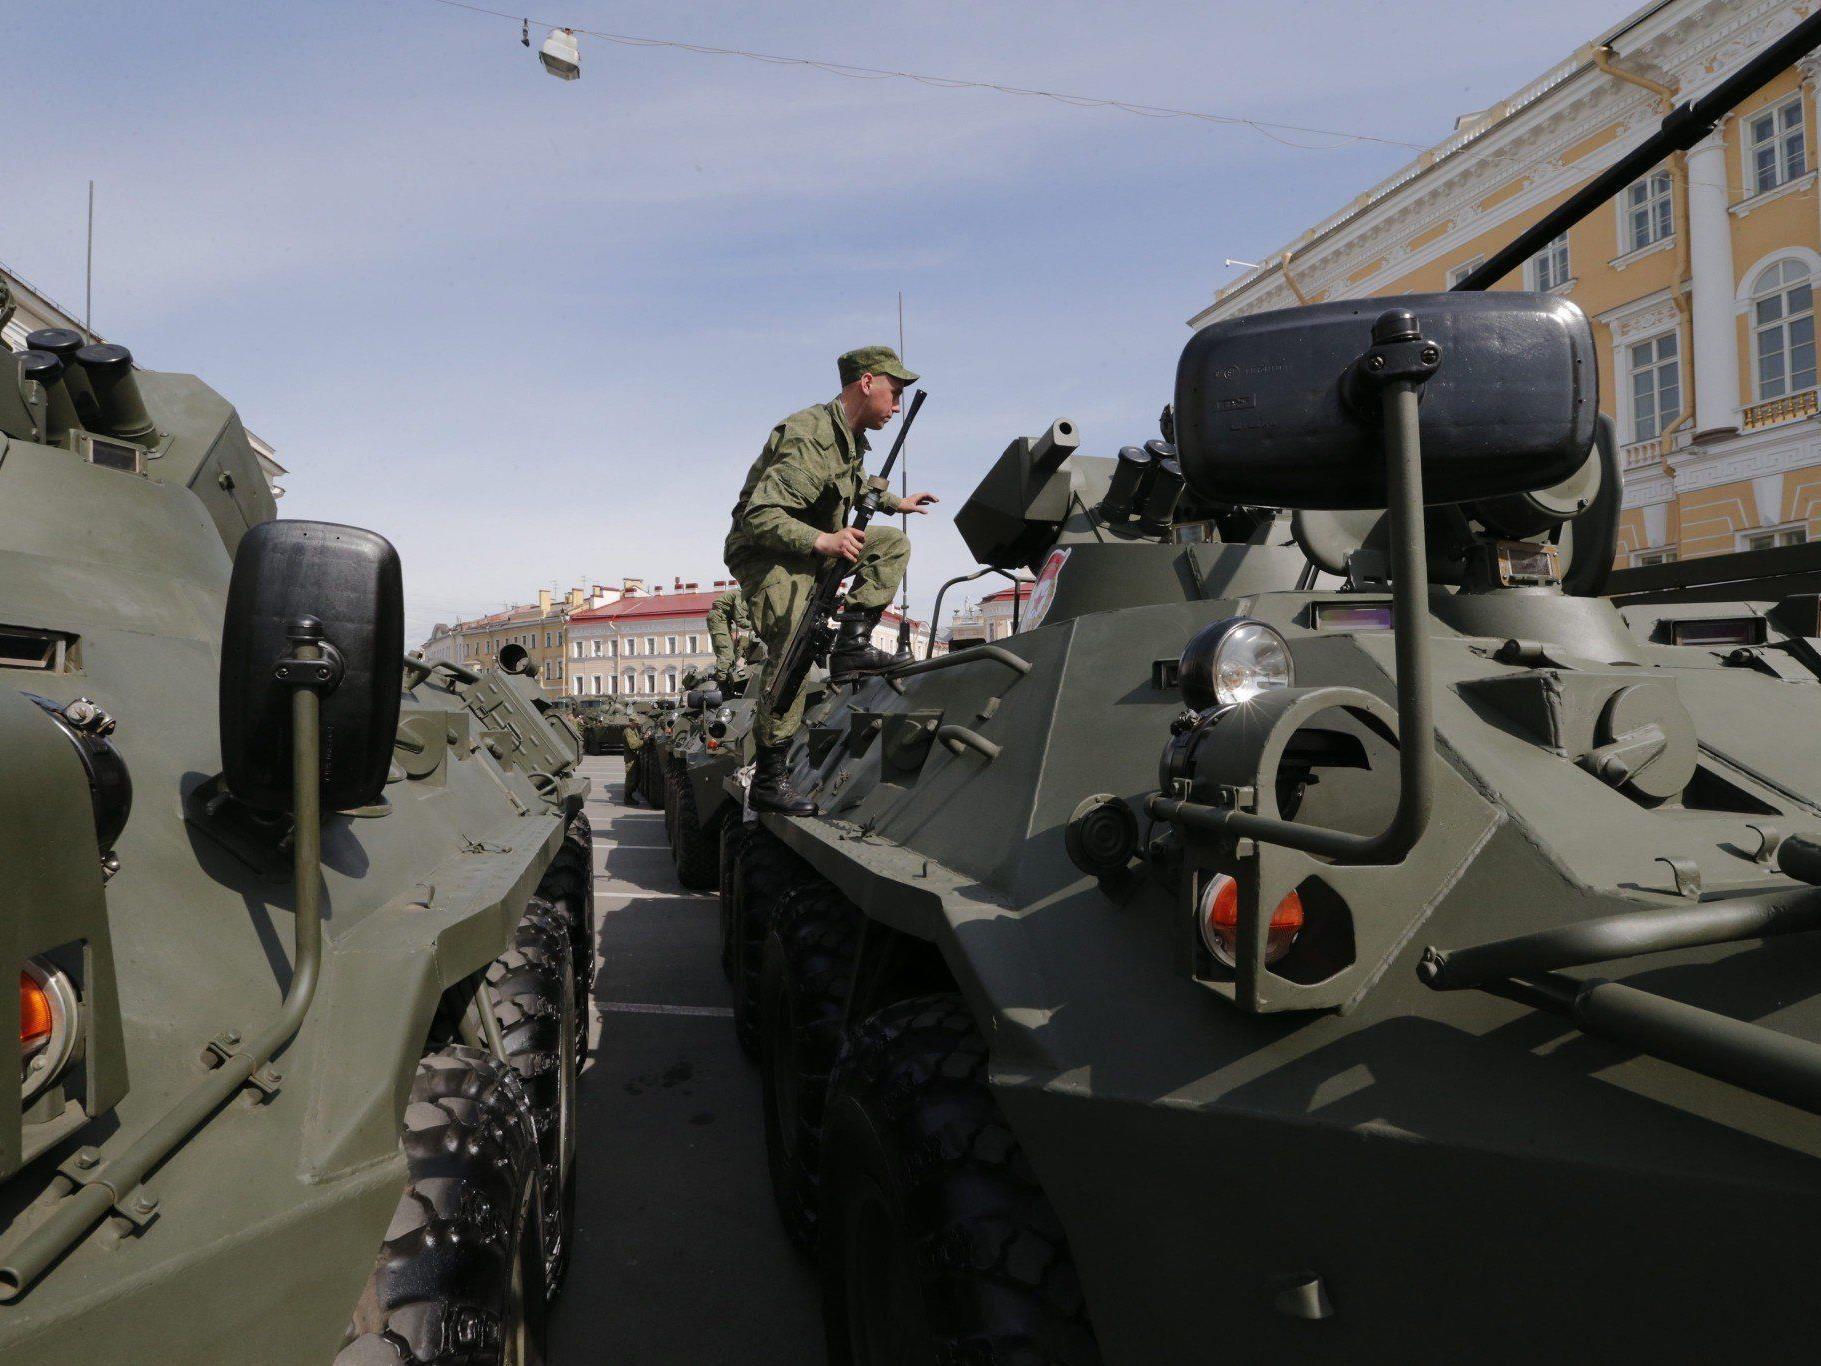 Deeskalationsschritt in der Ukraine-Krise?